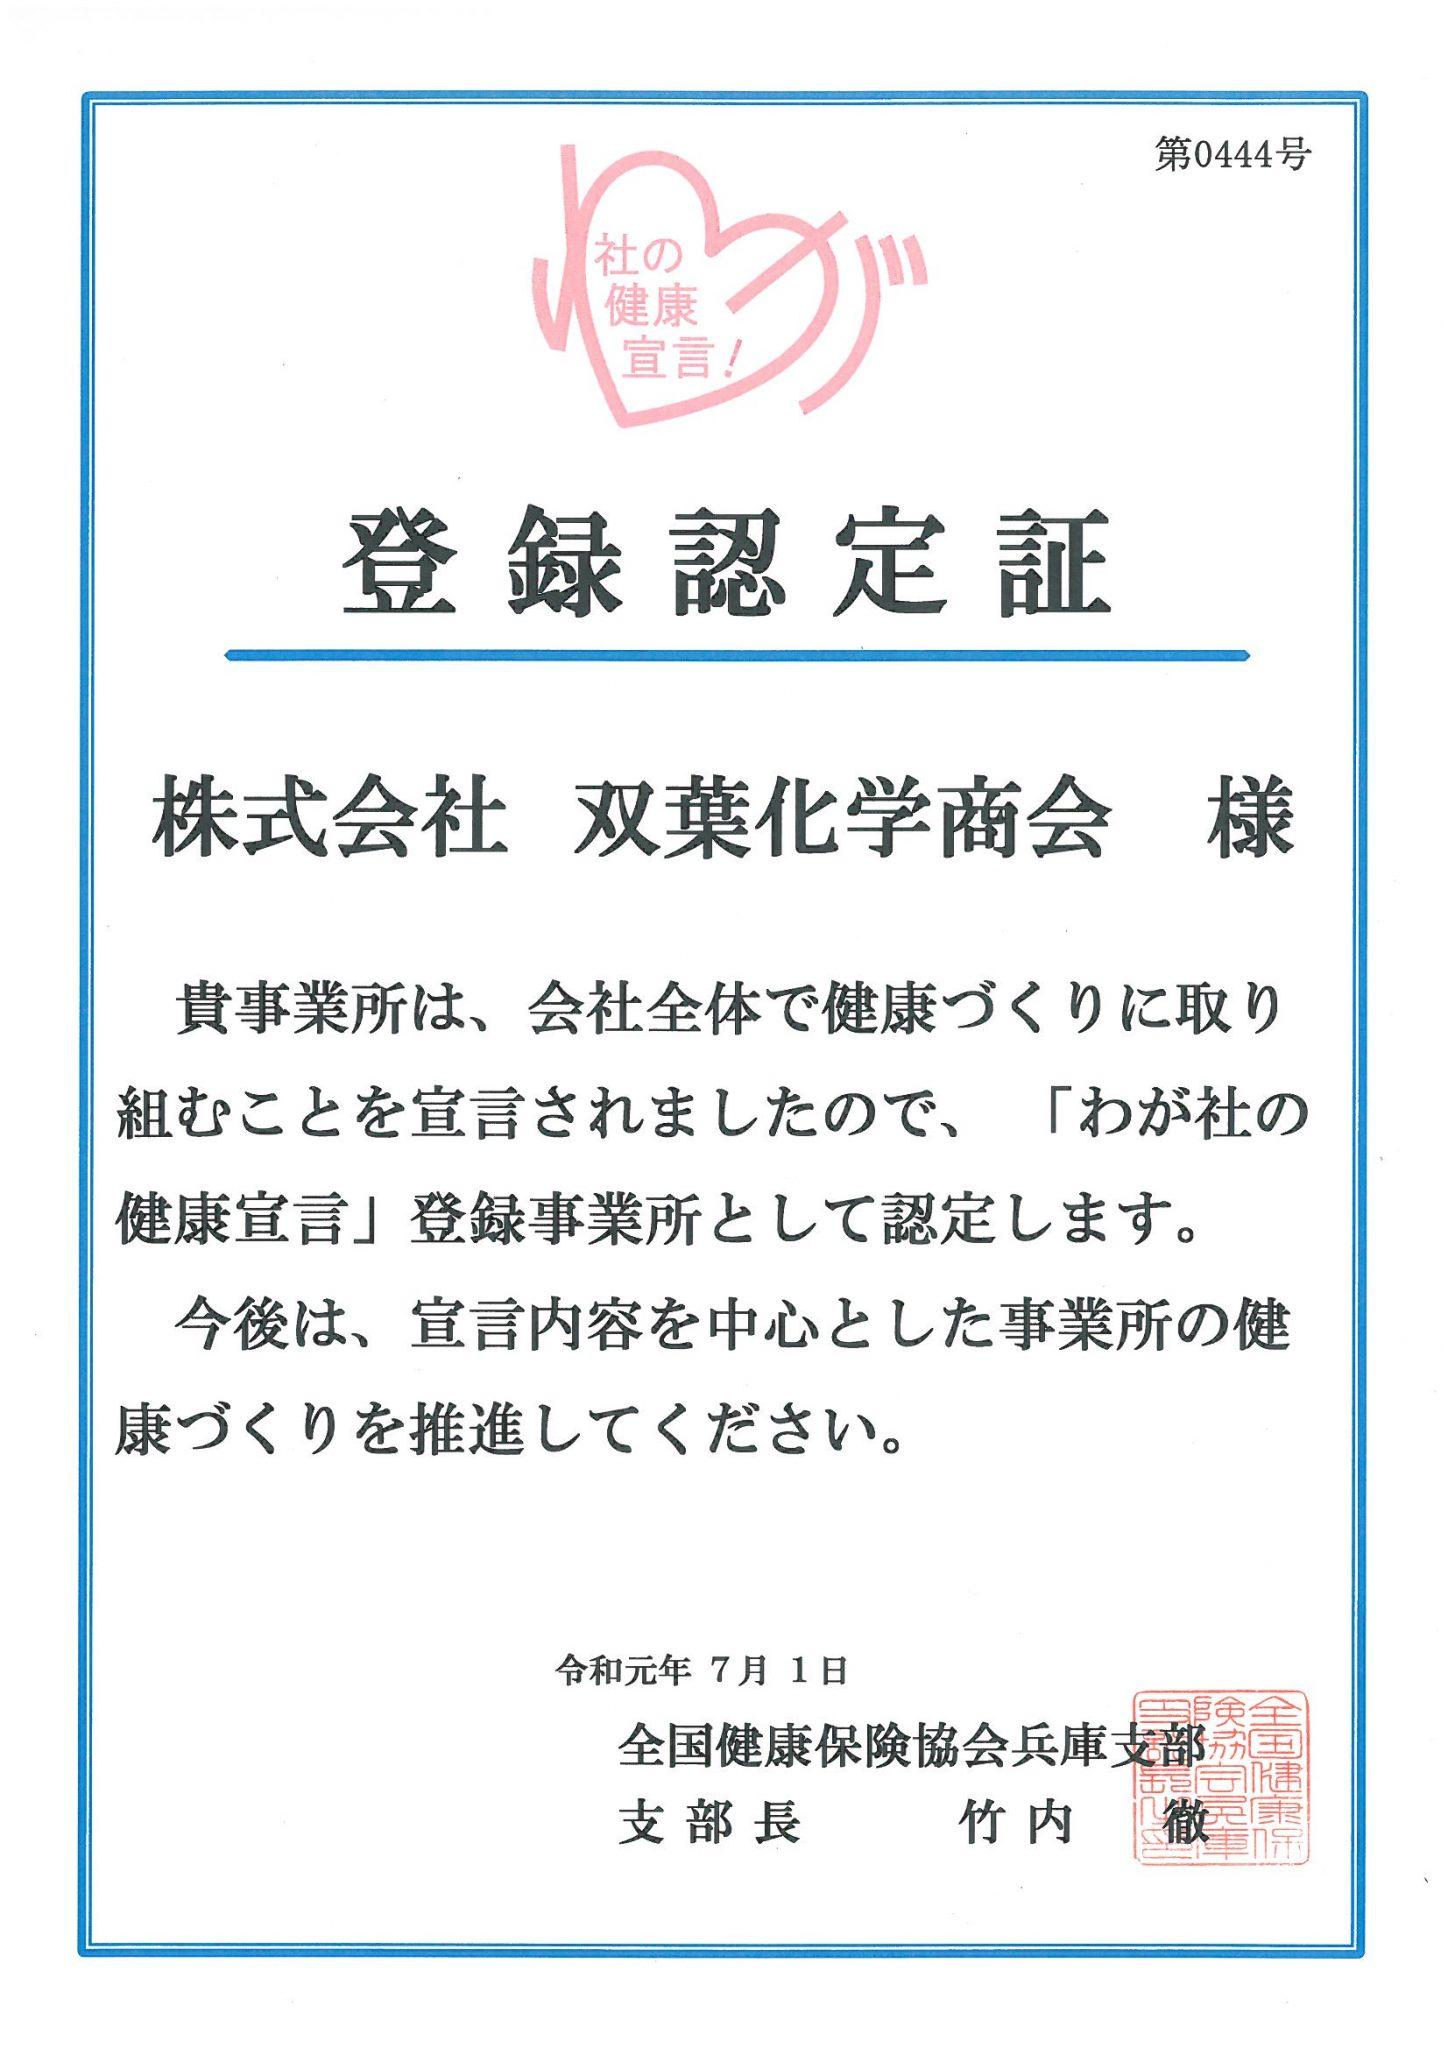 「わが社の健康宣言」